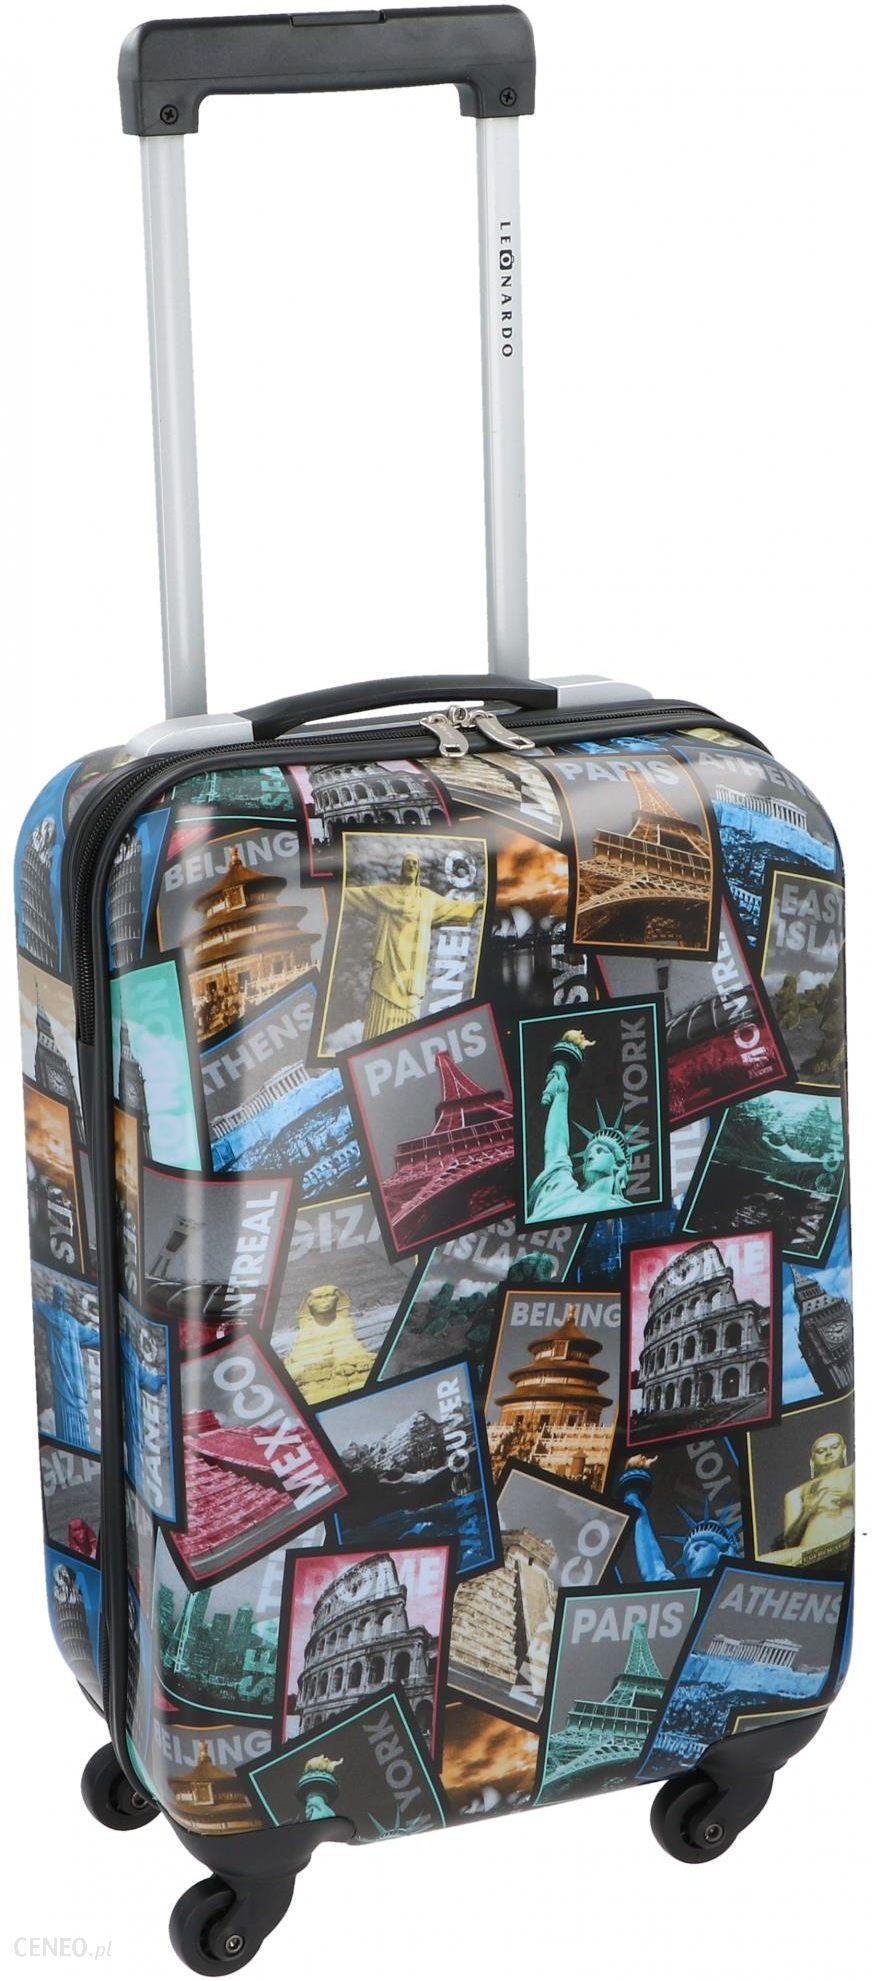 3cbd97f58da0e Leonardo walizka City Names, 31 l, BEZPŁATNY ODBIÓR: WROCŁAW! - Ceny ...